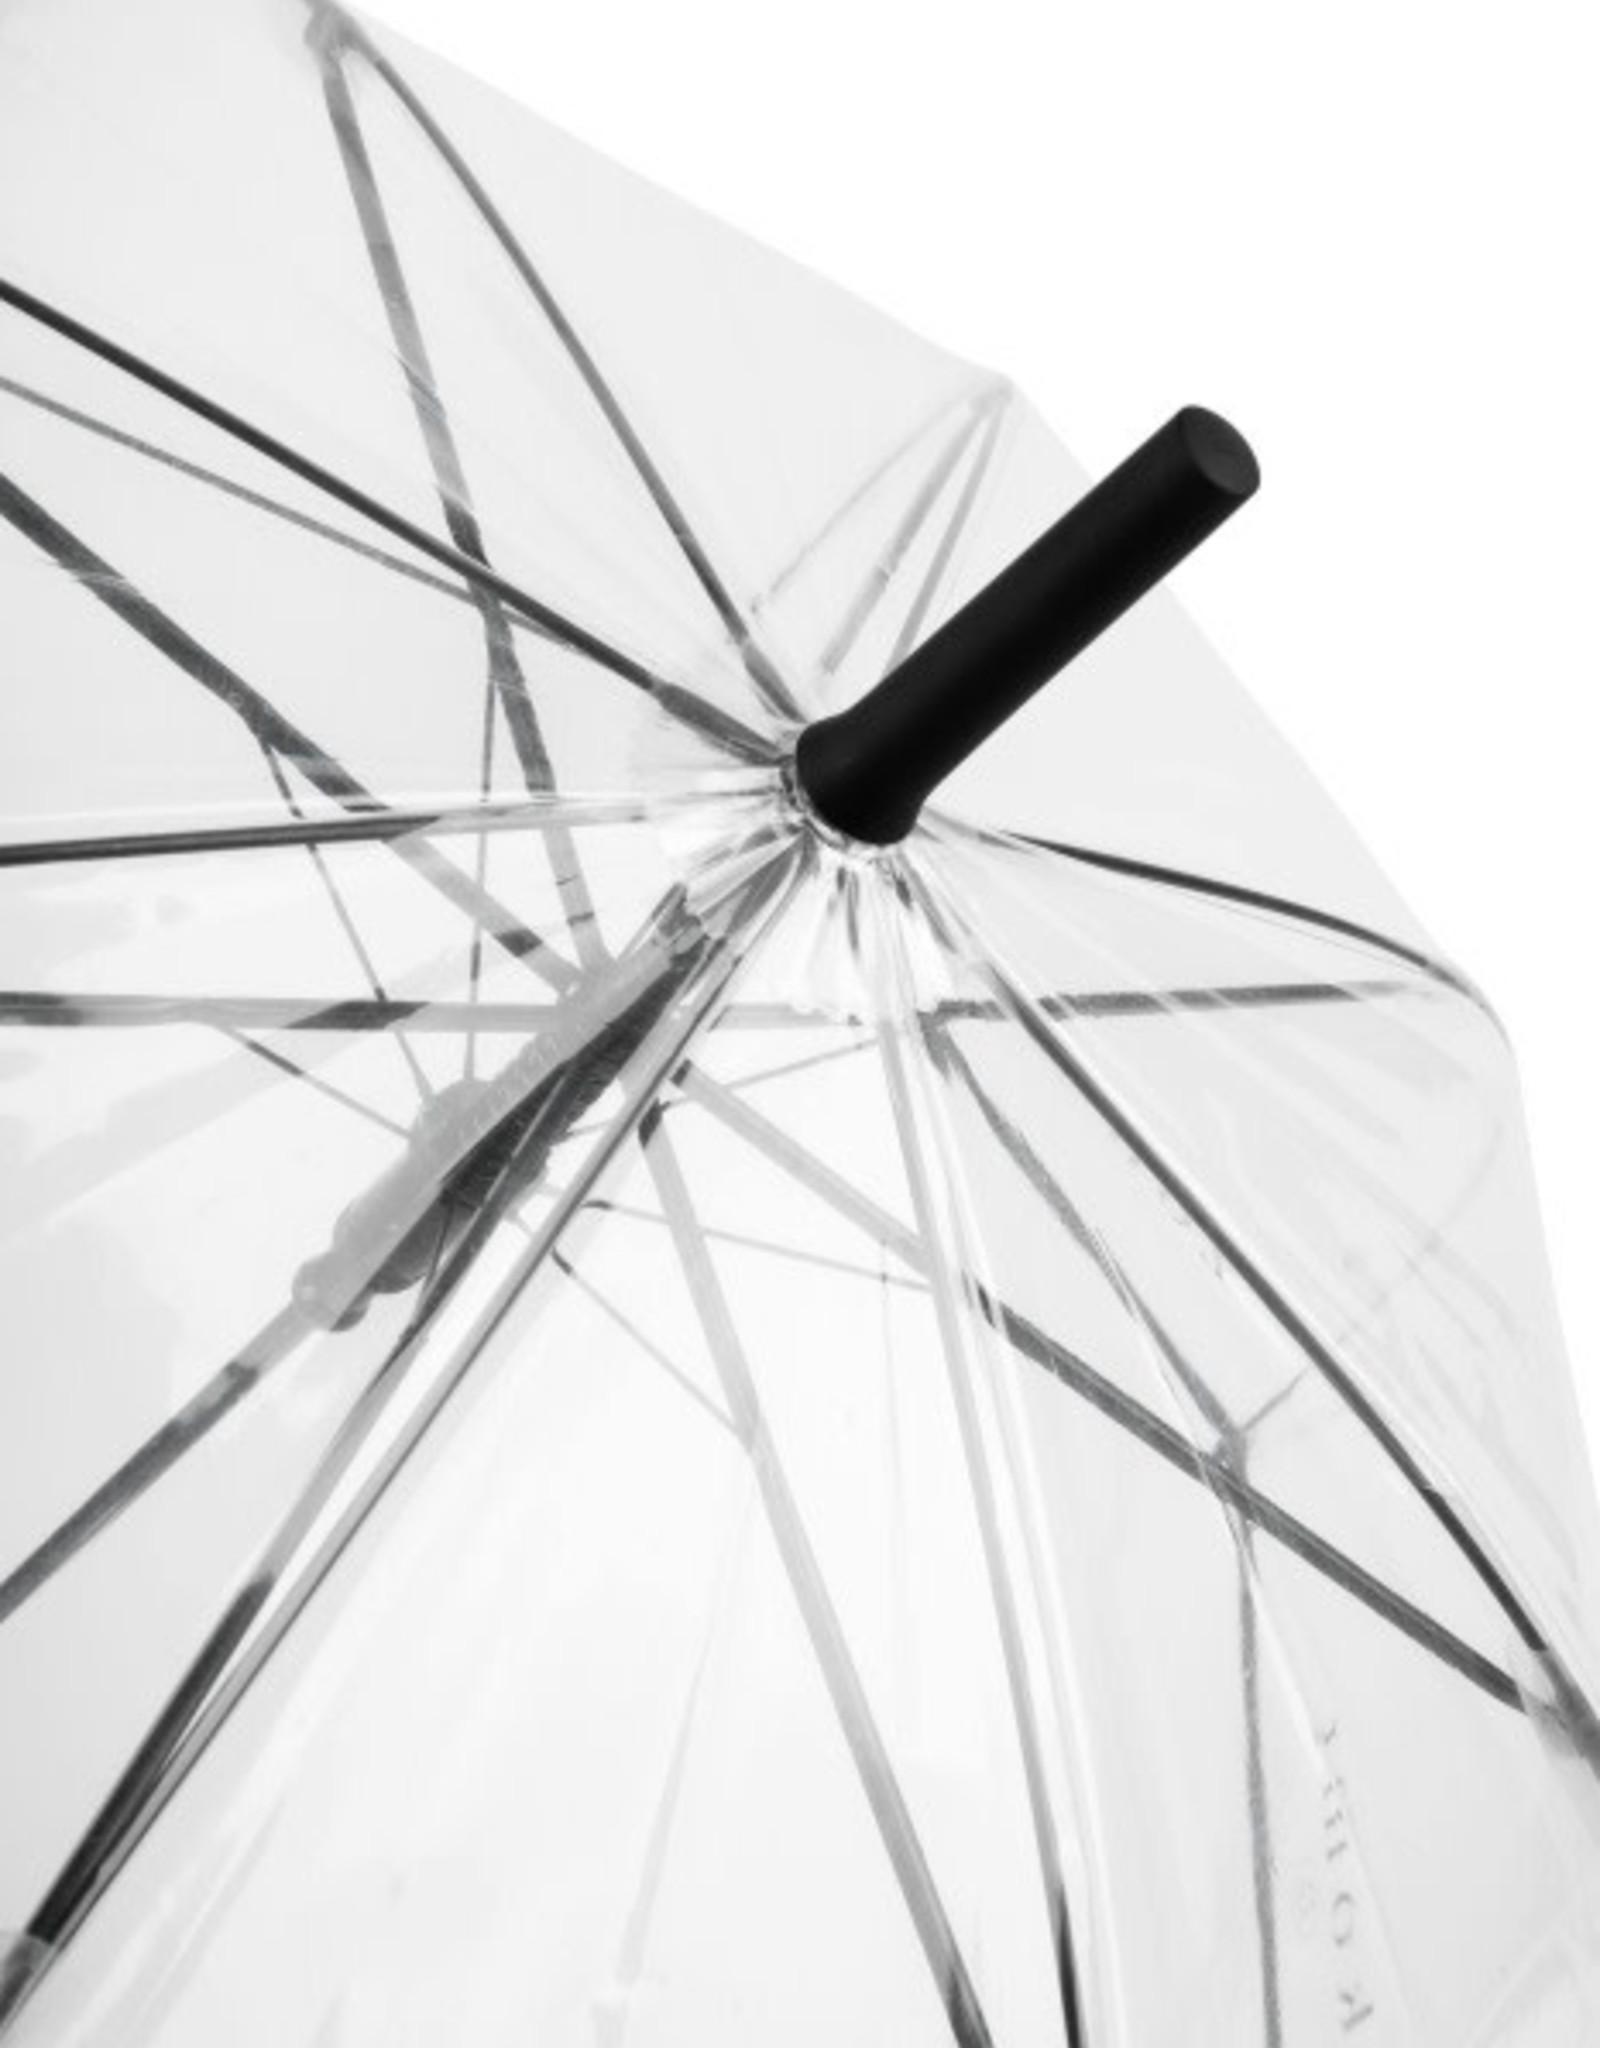 Zusss Zusss - Paraplu - Na regen komt zonneschijn